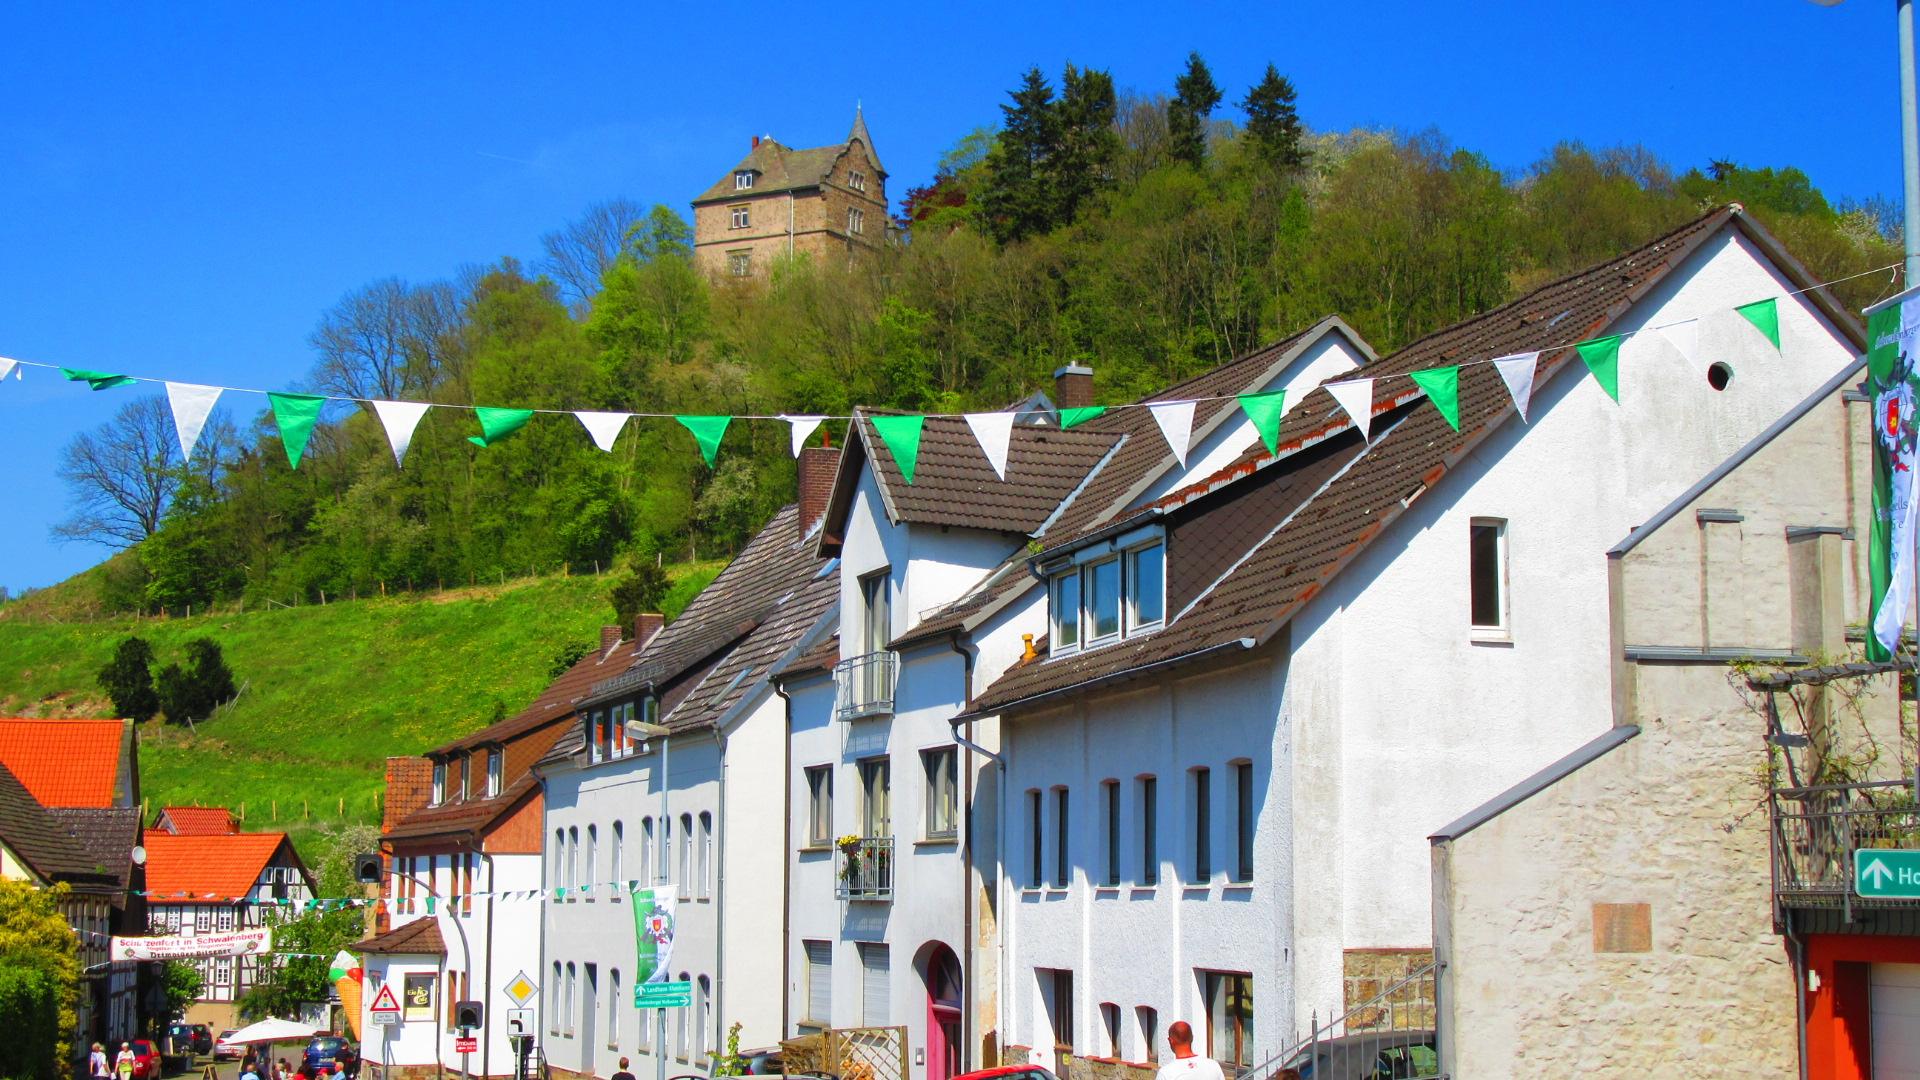 ~ Bild: Ankunft im Malerstädtchen Schwalenberg, Kreis Lippe, Nordrhein-Westfalen ~